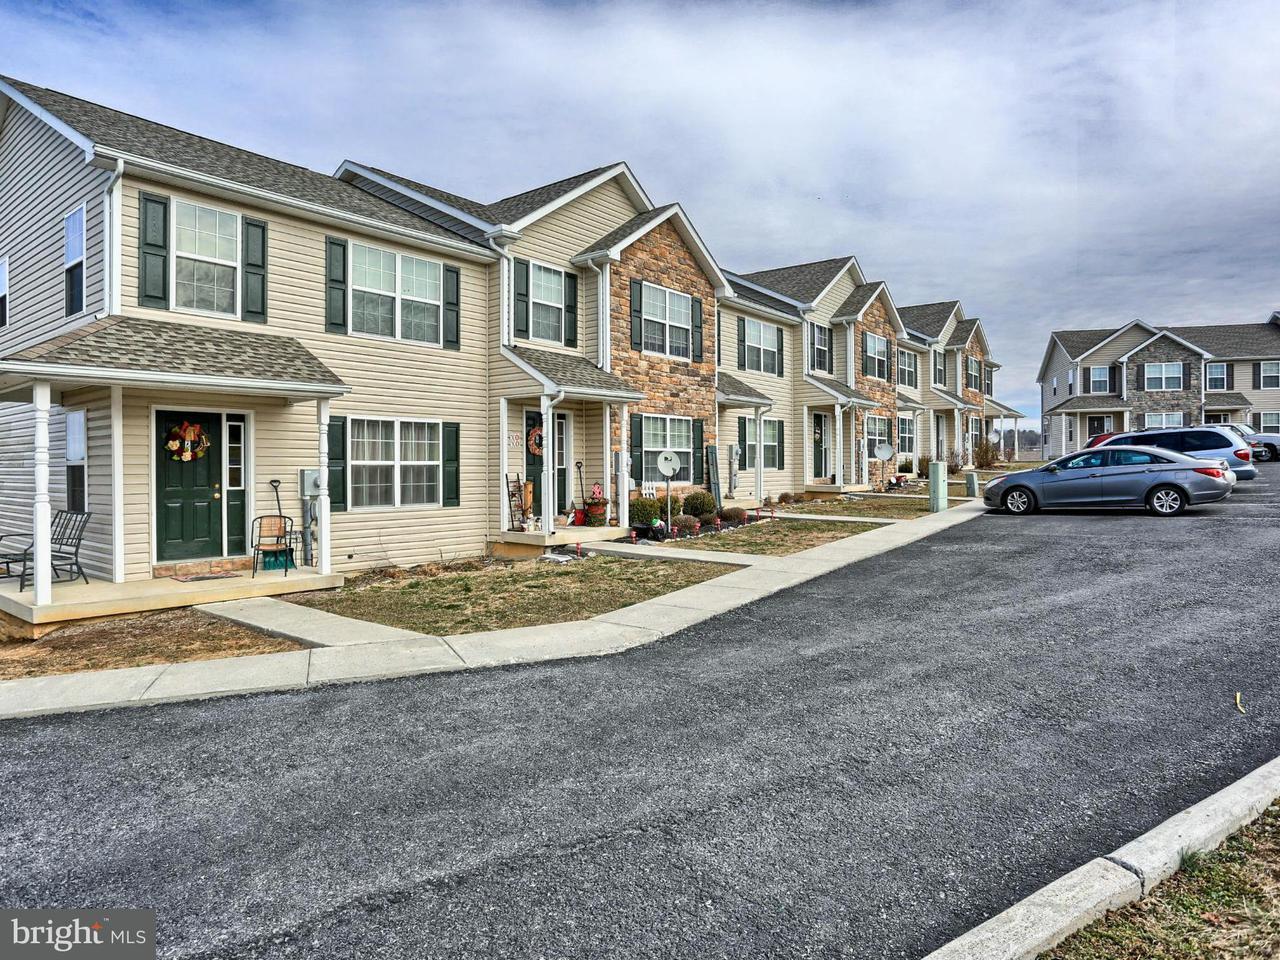 Многосемейный дом для того Продажа на 349 VIEWPOINT WAY 349 VIEWPOINT WAY Waynesboro, Пенсильвания 17268 Соединенные Штаты